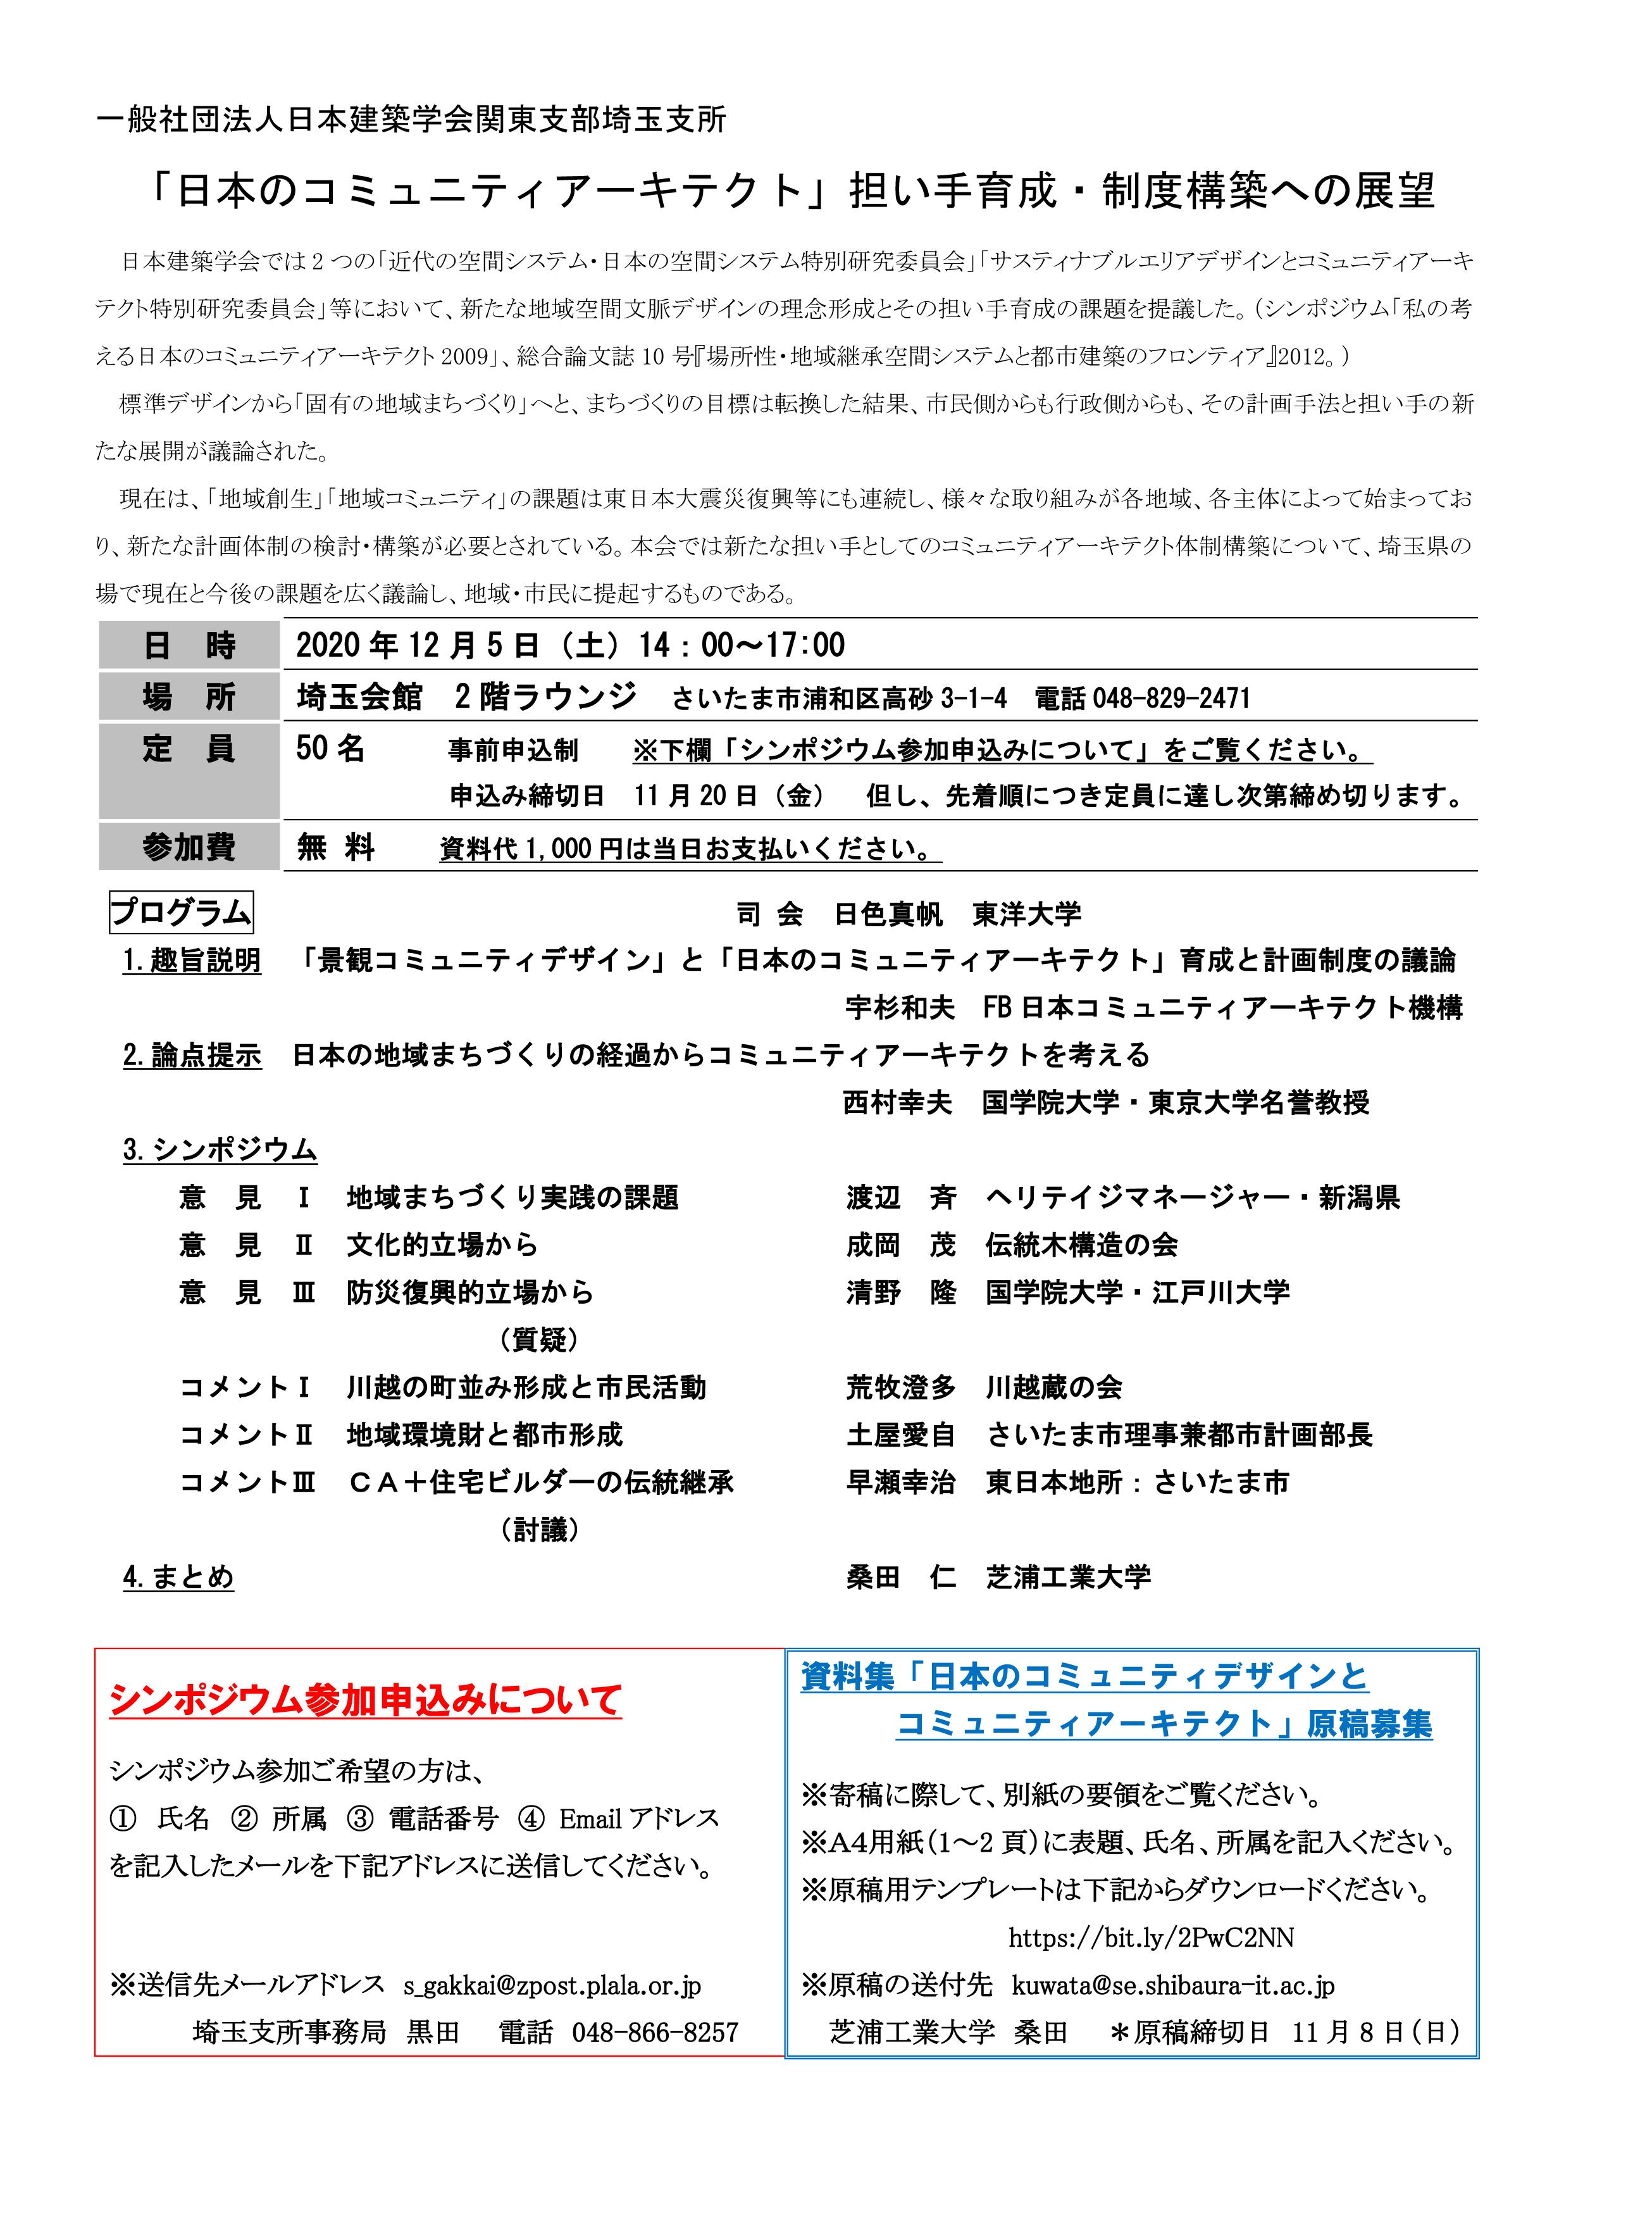 埼玉支所シンポジウム延期案内